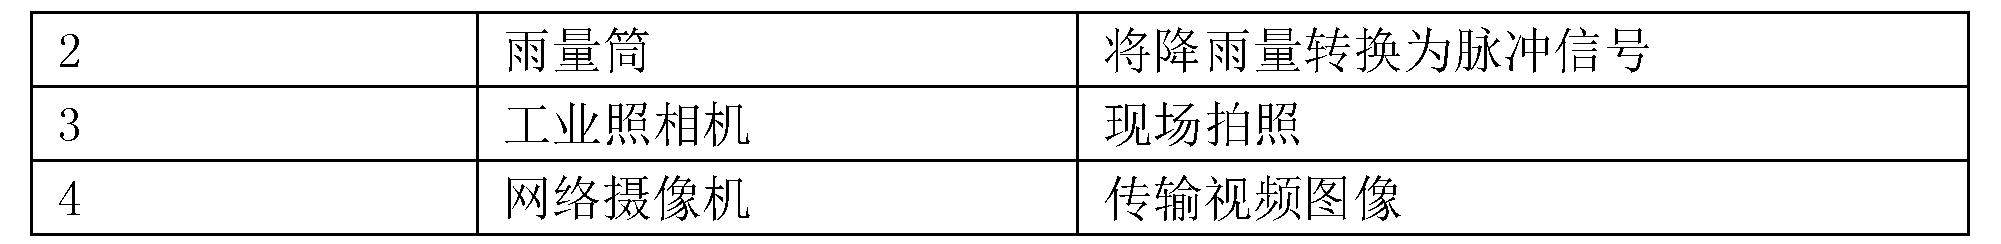 Figure CN104092750BD00111